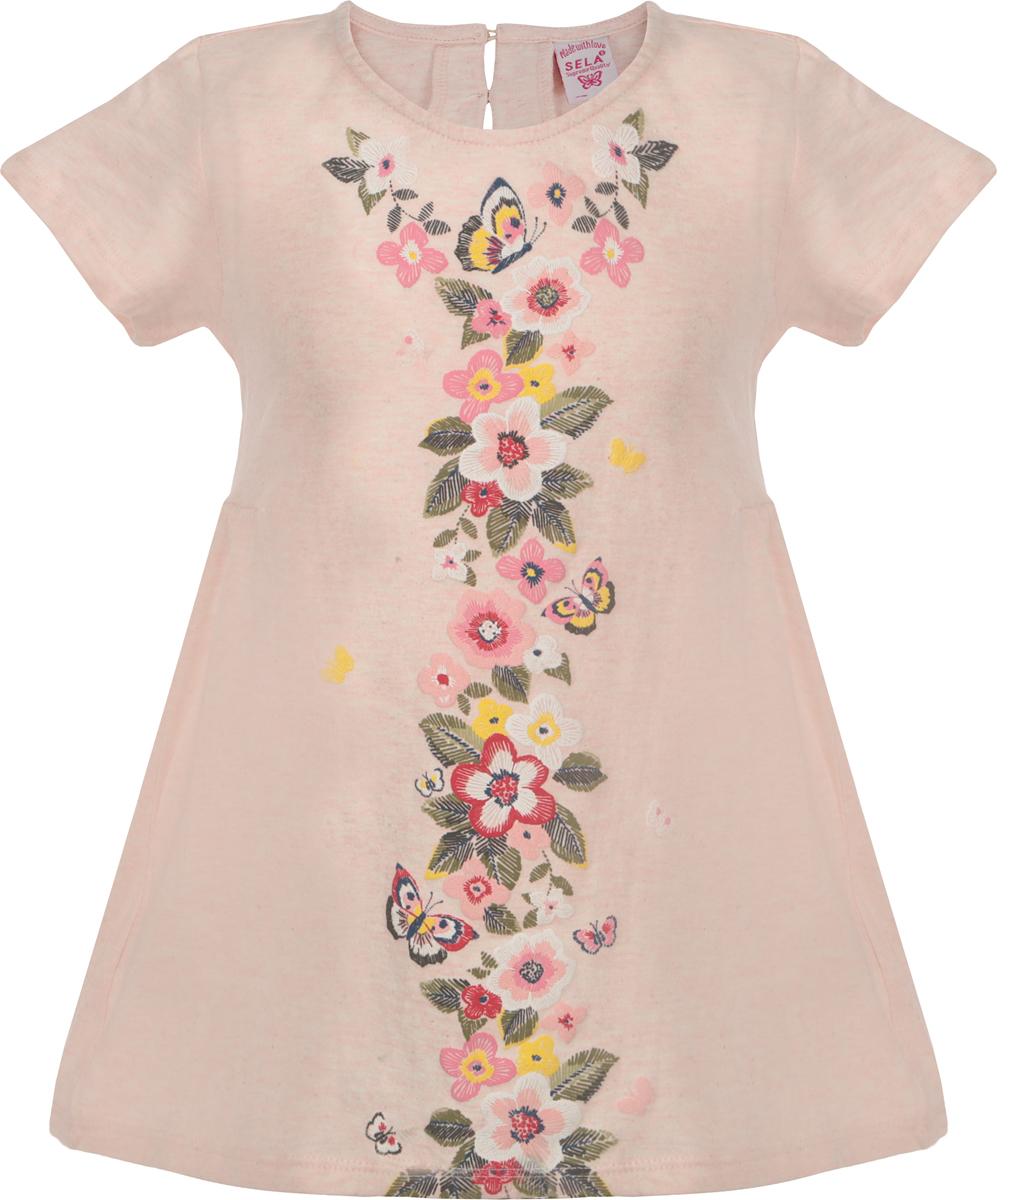 Блузка для девочки Sela, цвет: розовый кварц меланж. TsBK-511/477-8122. Размер 110, 5 лет